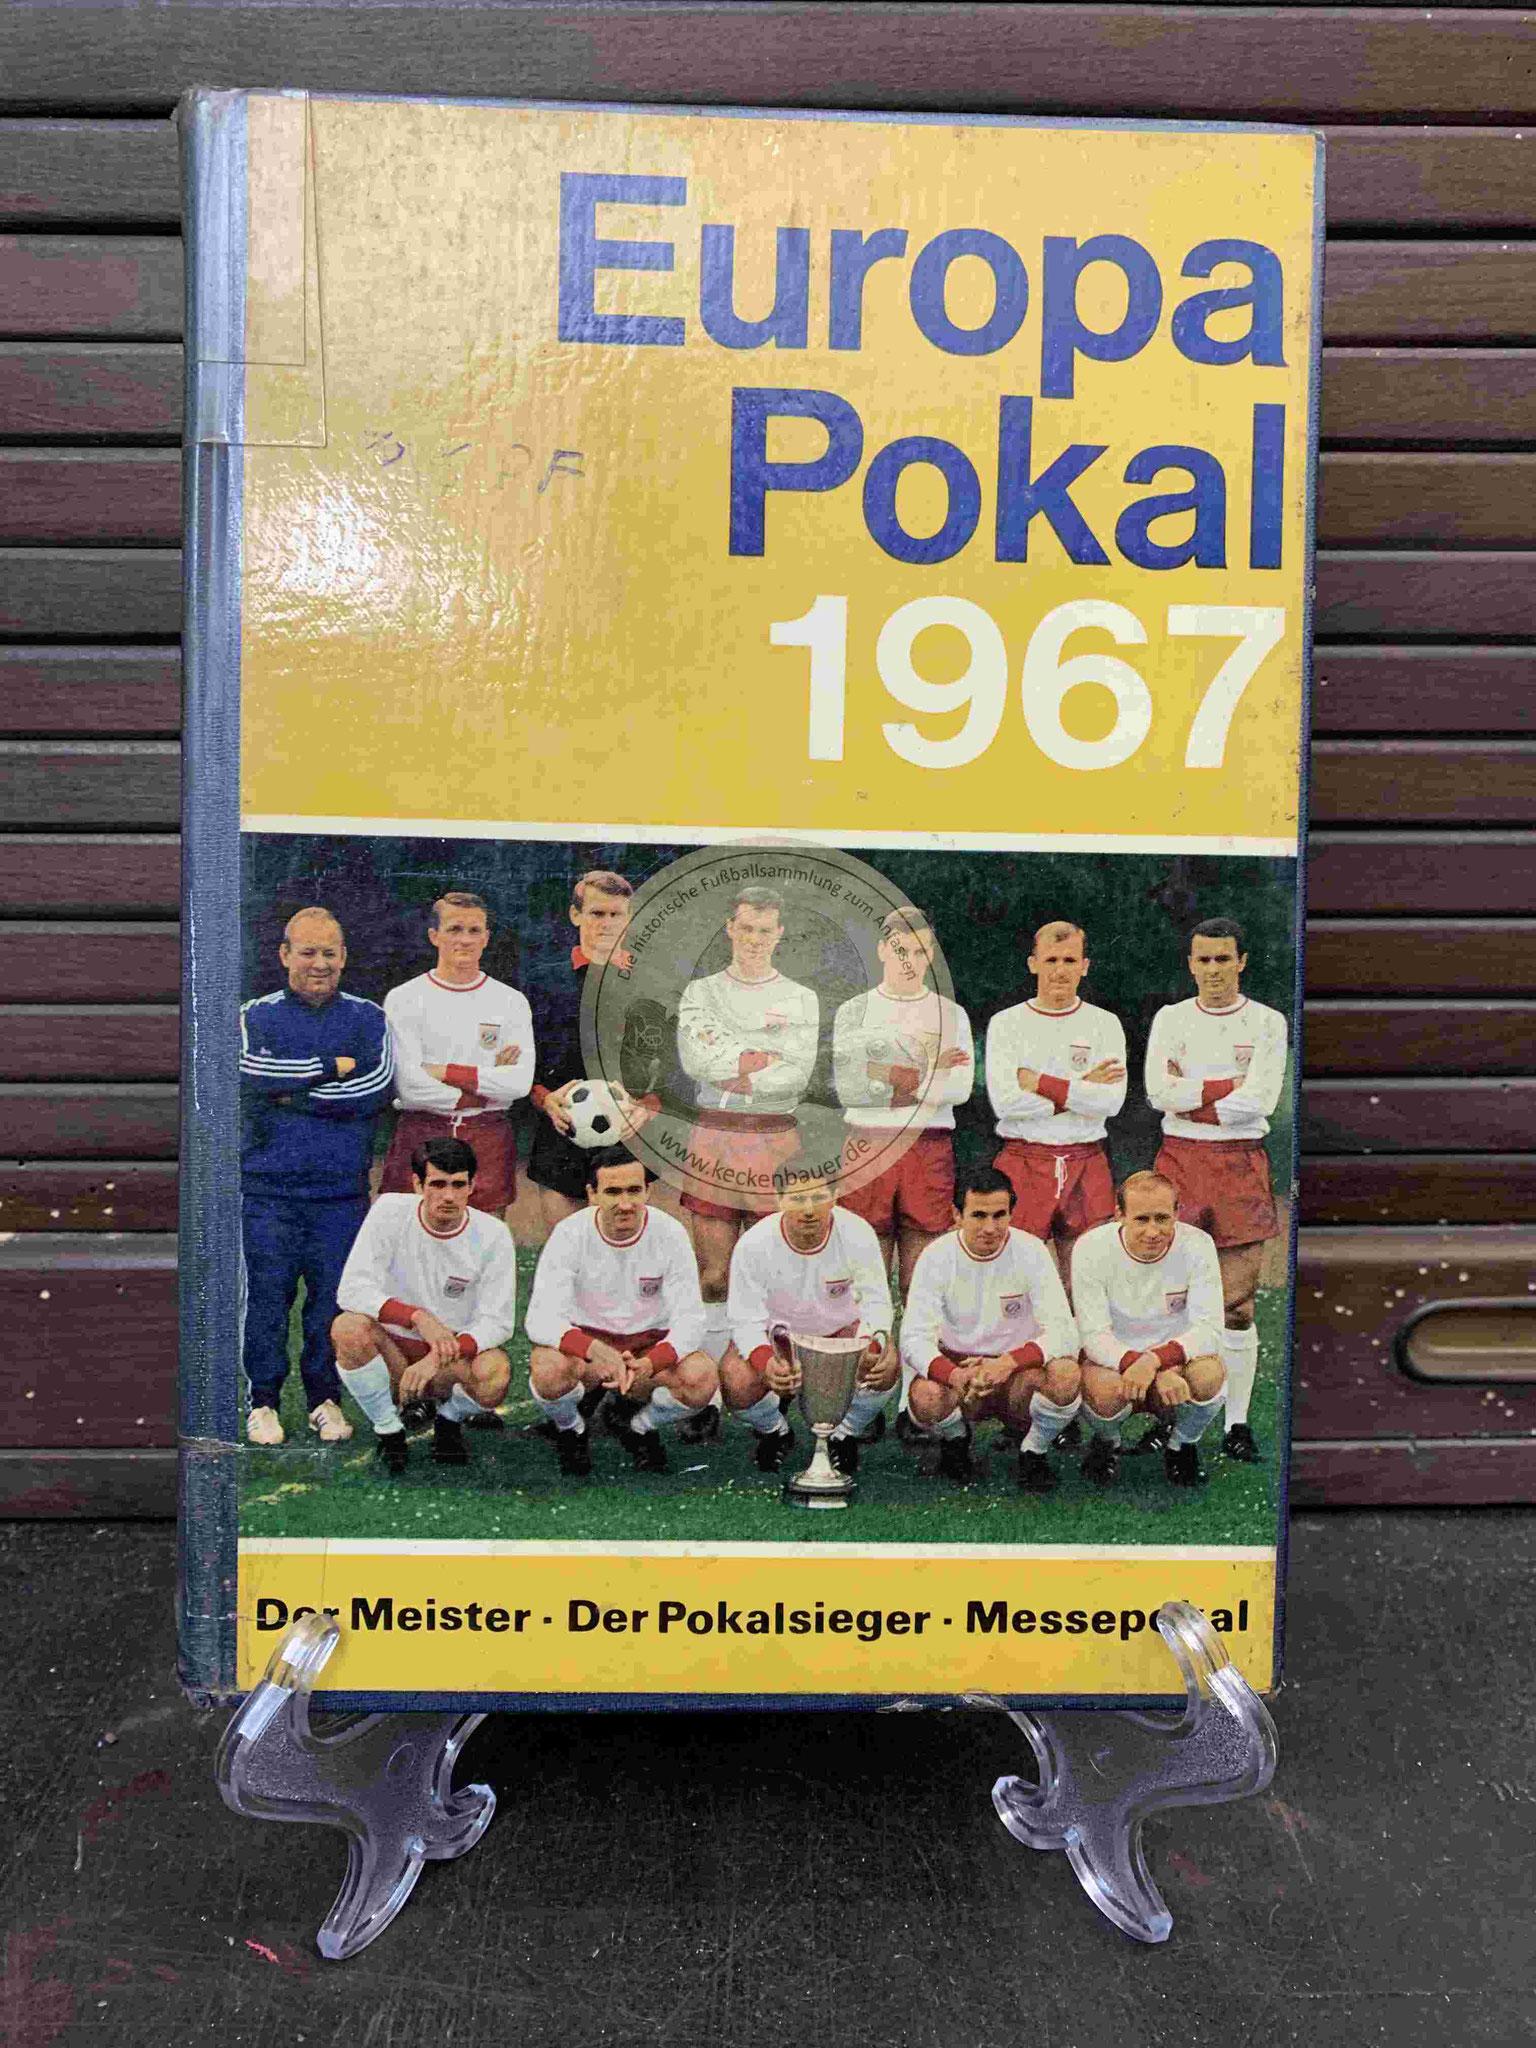 Europa Pokal 1967 Der Meister Der Pokalsieger Messepokal aus dem Jahr 1967